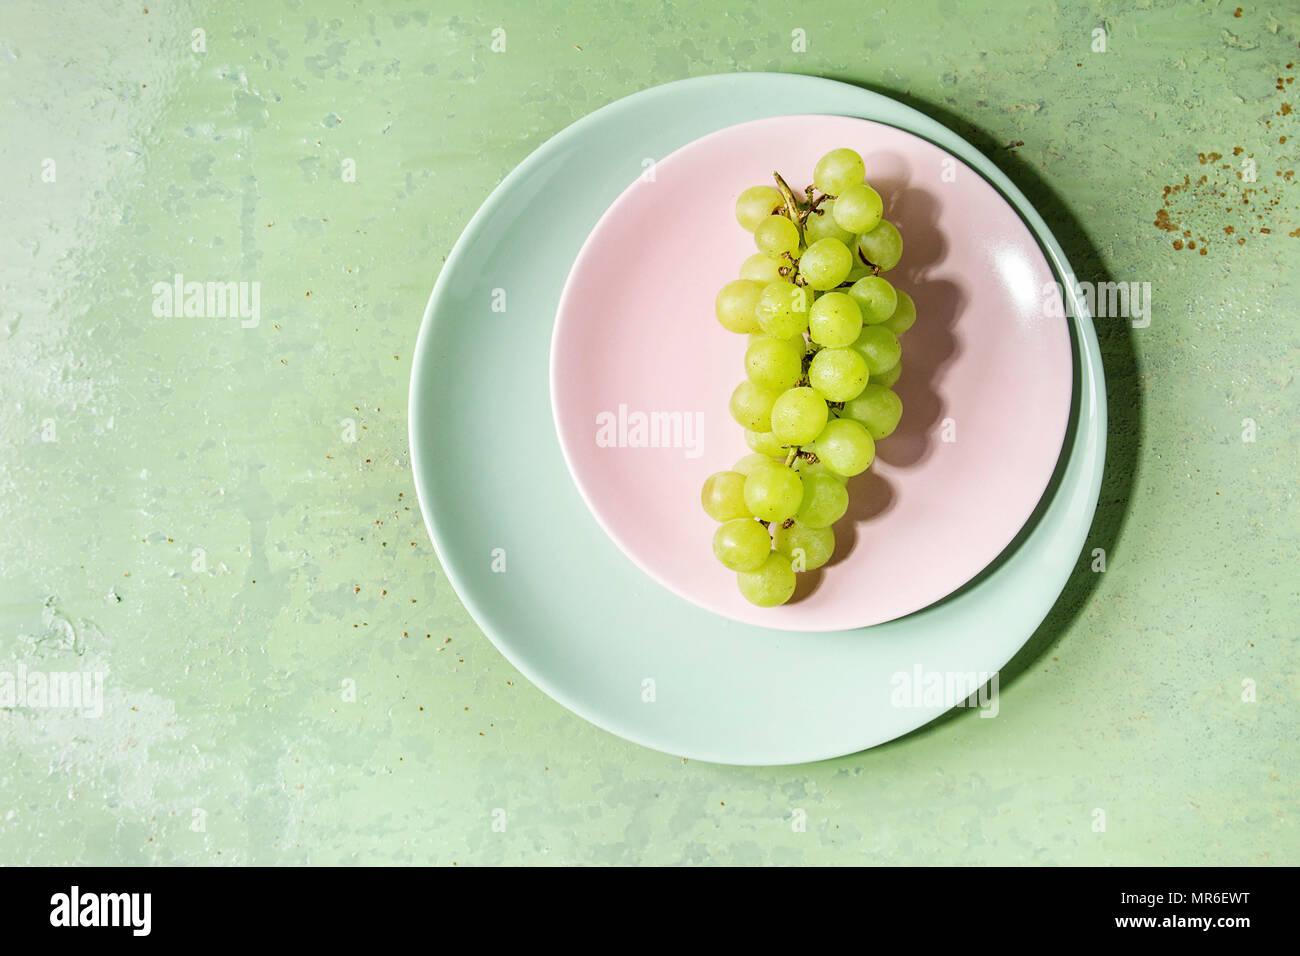 Bündel reif grüne Trauben auf Türkis Platte über Grün pastell Pin-up-Hintergrund. Kopieren Sie Platz. Ansicht von oben Stockbild